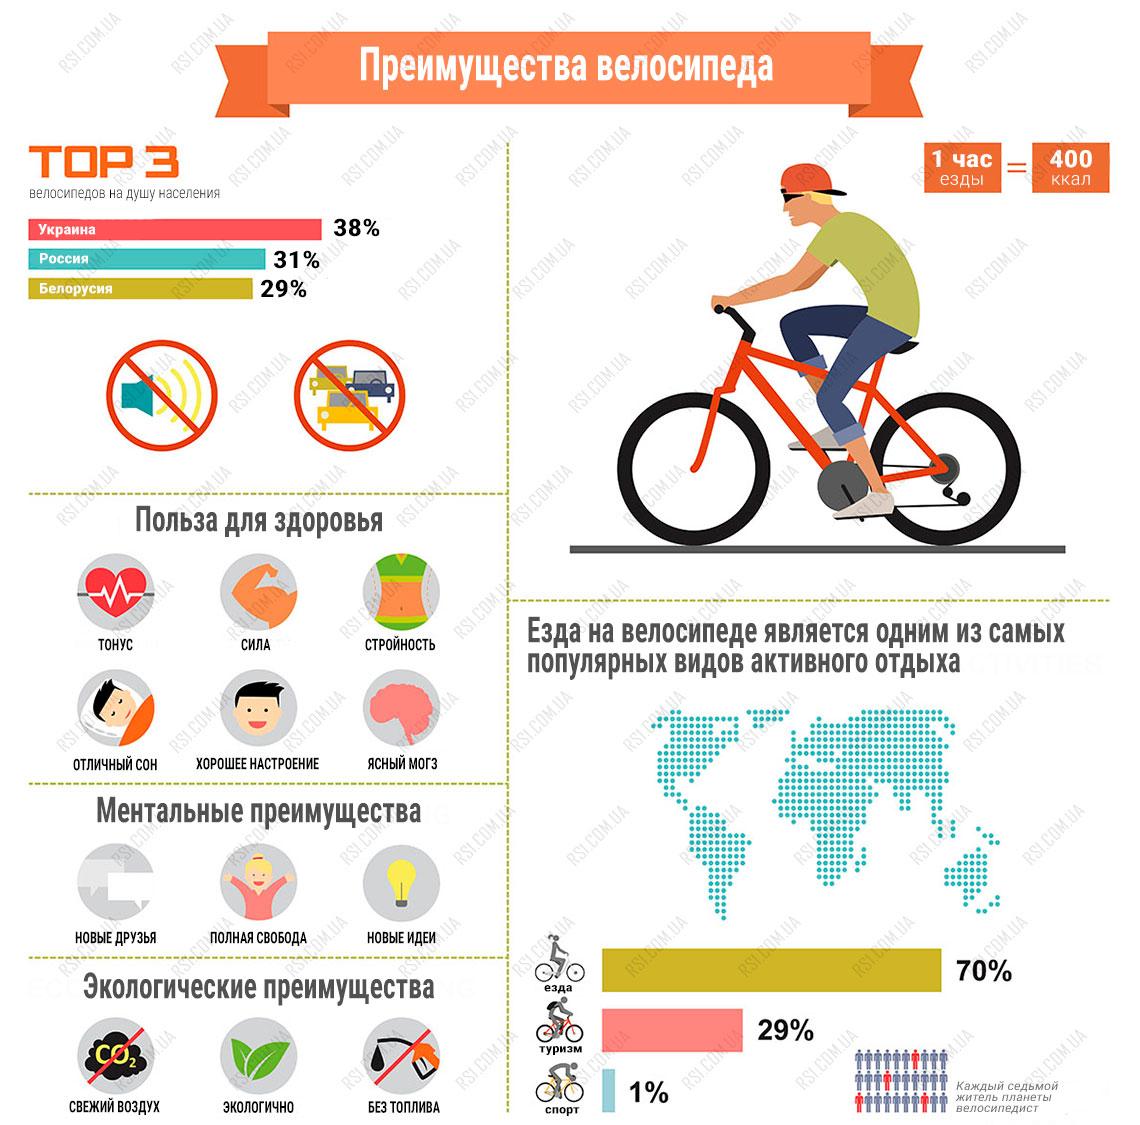 Как выбрать велосипед для девушки | достоверно о том, как выбрать велосипед для девушки | витапортал - здоровье и медицина